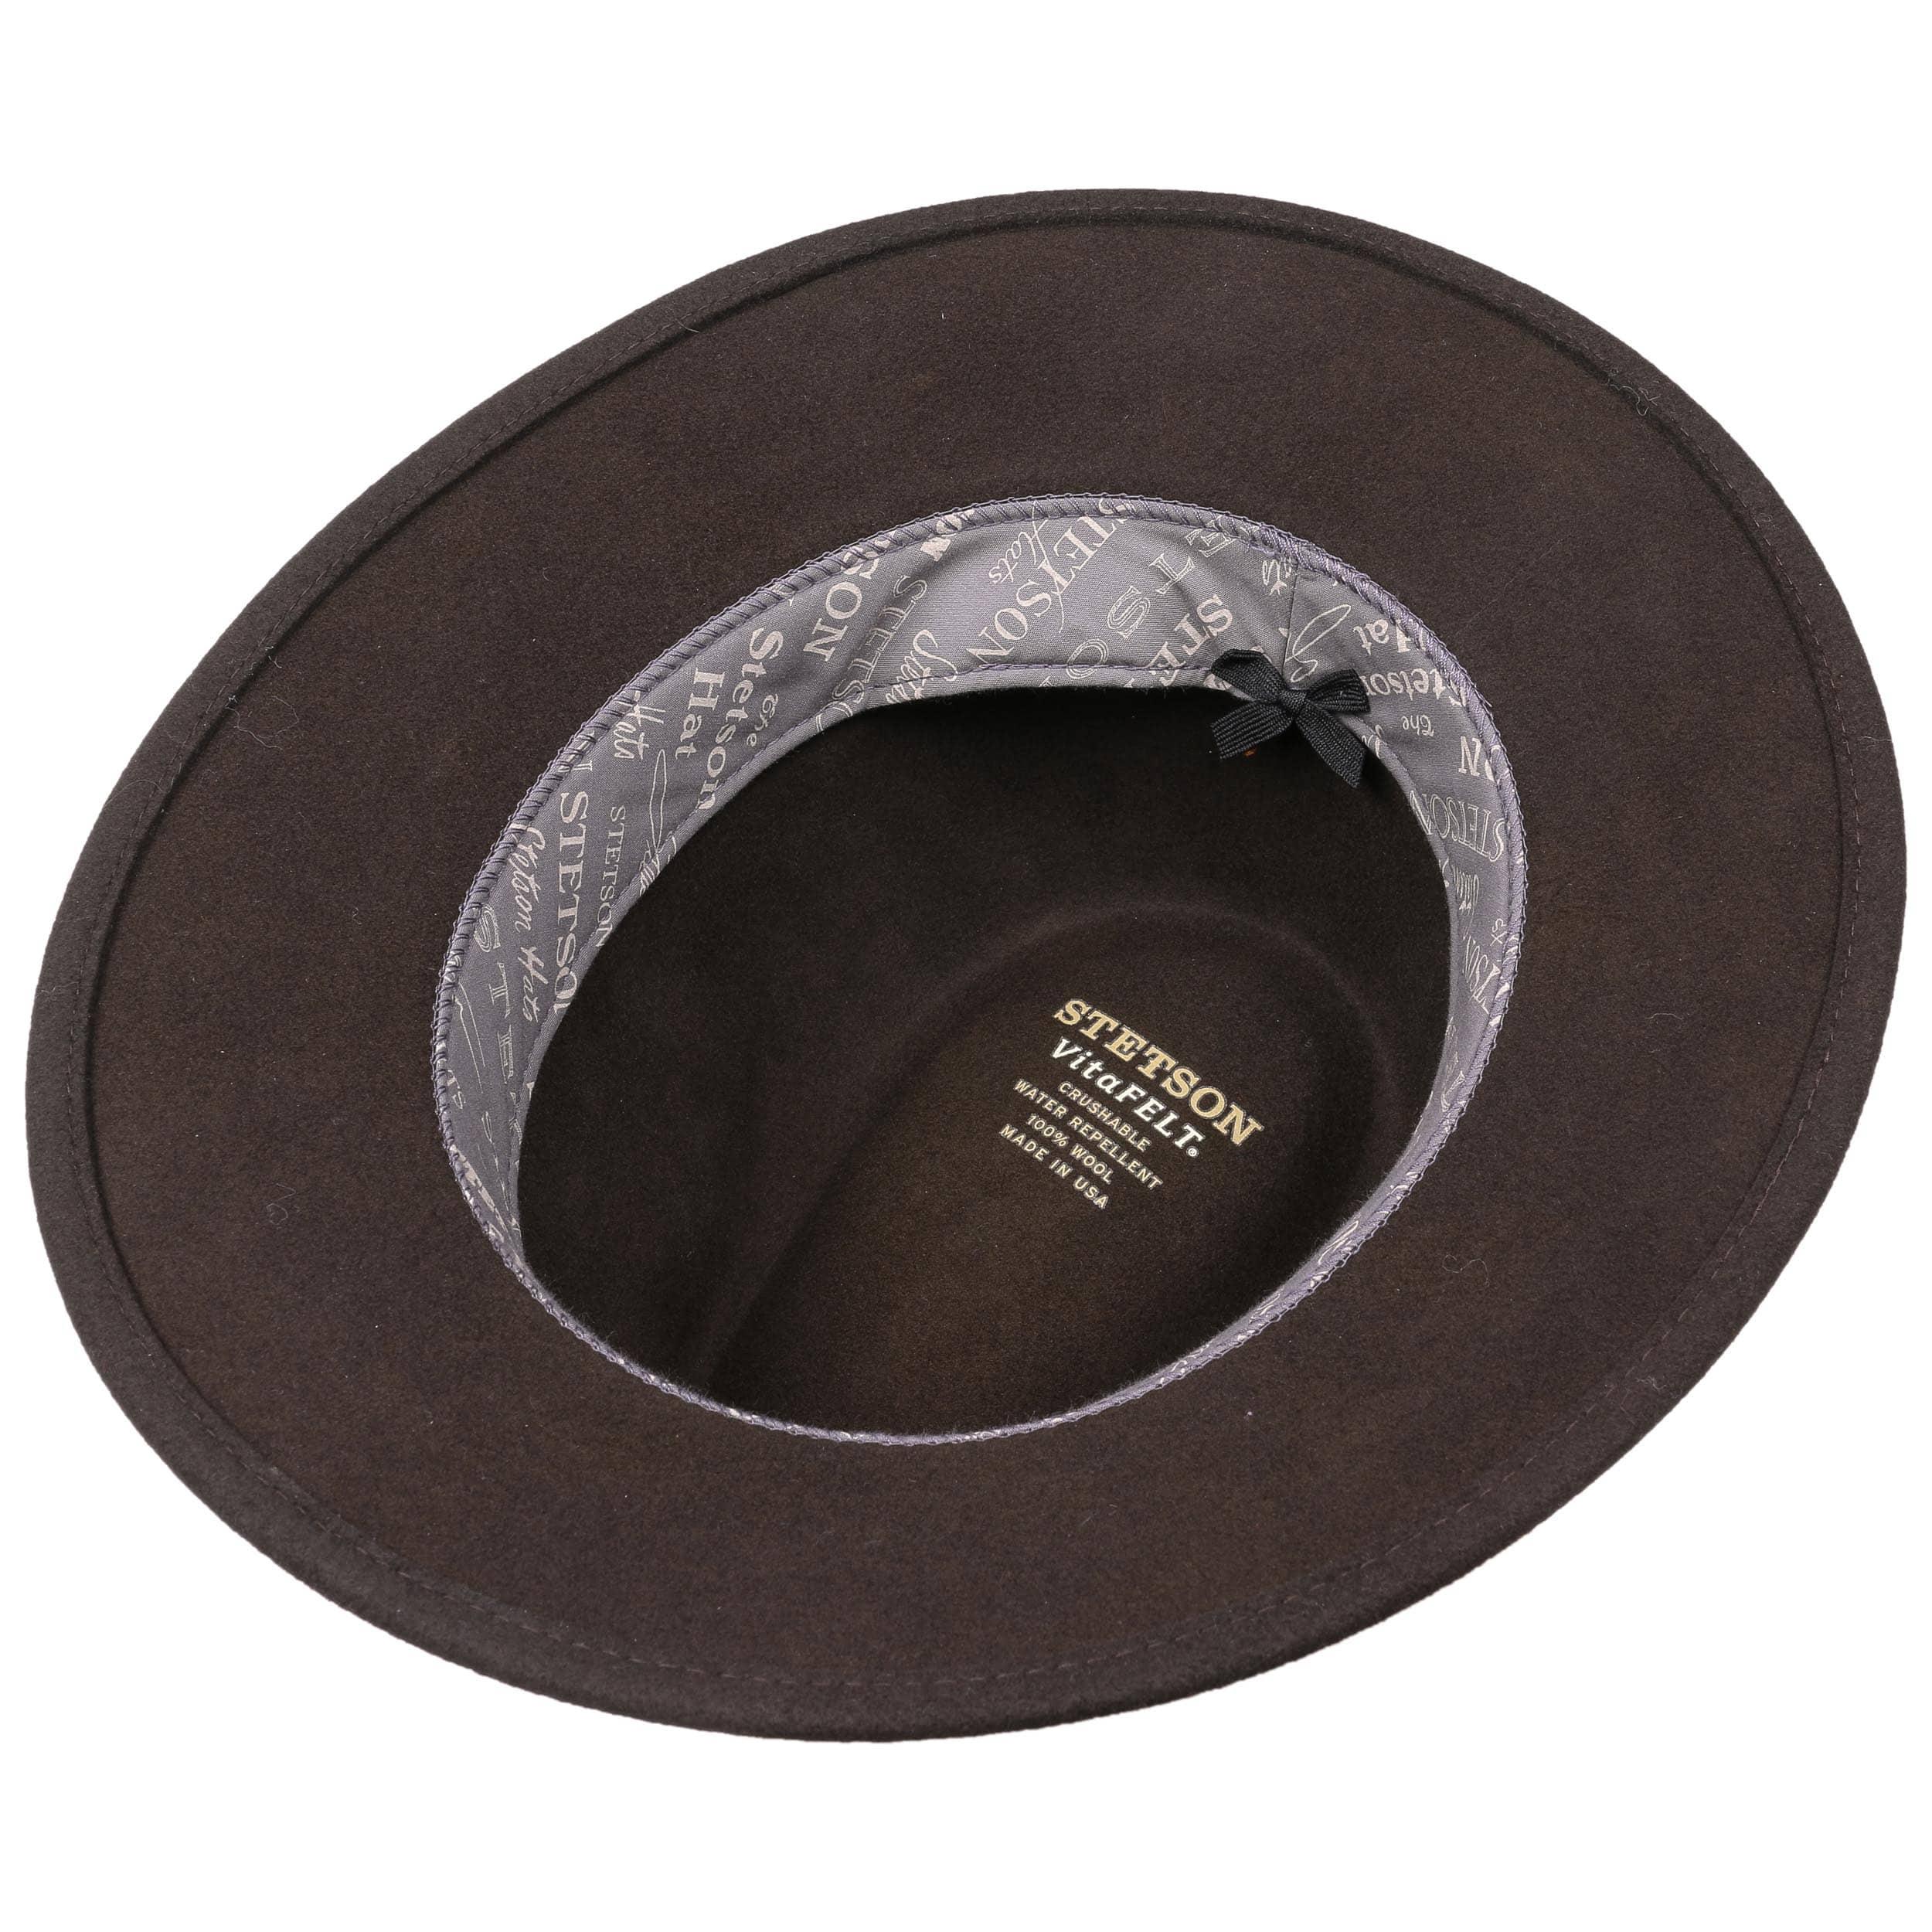 5eee05f7953 Devanell traveller vitafelt hat stetson dark brown jpg 2500x2500 Stetson  crushable felt hats